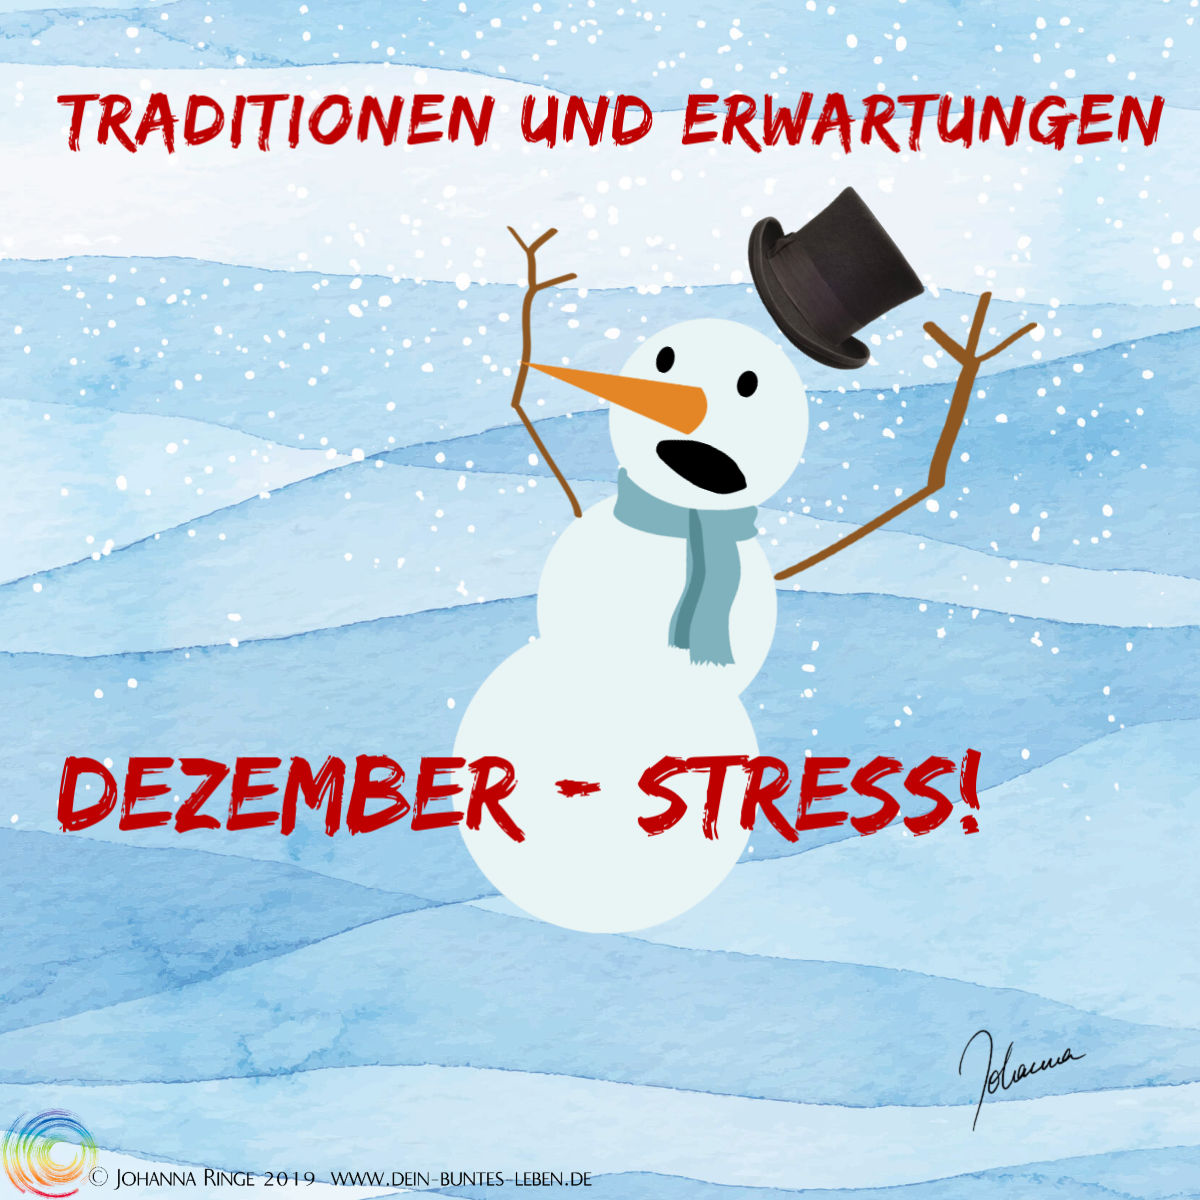 Traditionen und Erwartungen führen zu Dezember-Stress: ein verzweifelter Schneemann. ©Johanna Ringe 2019 www.dein-buntes-leben.de